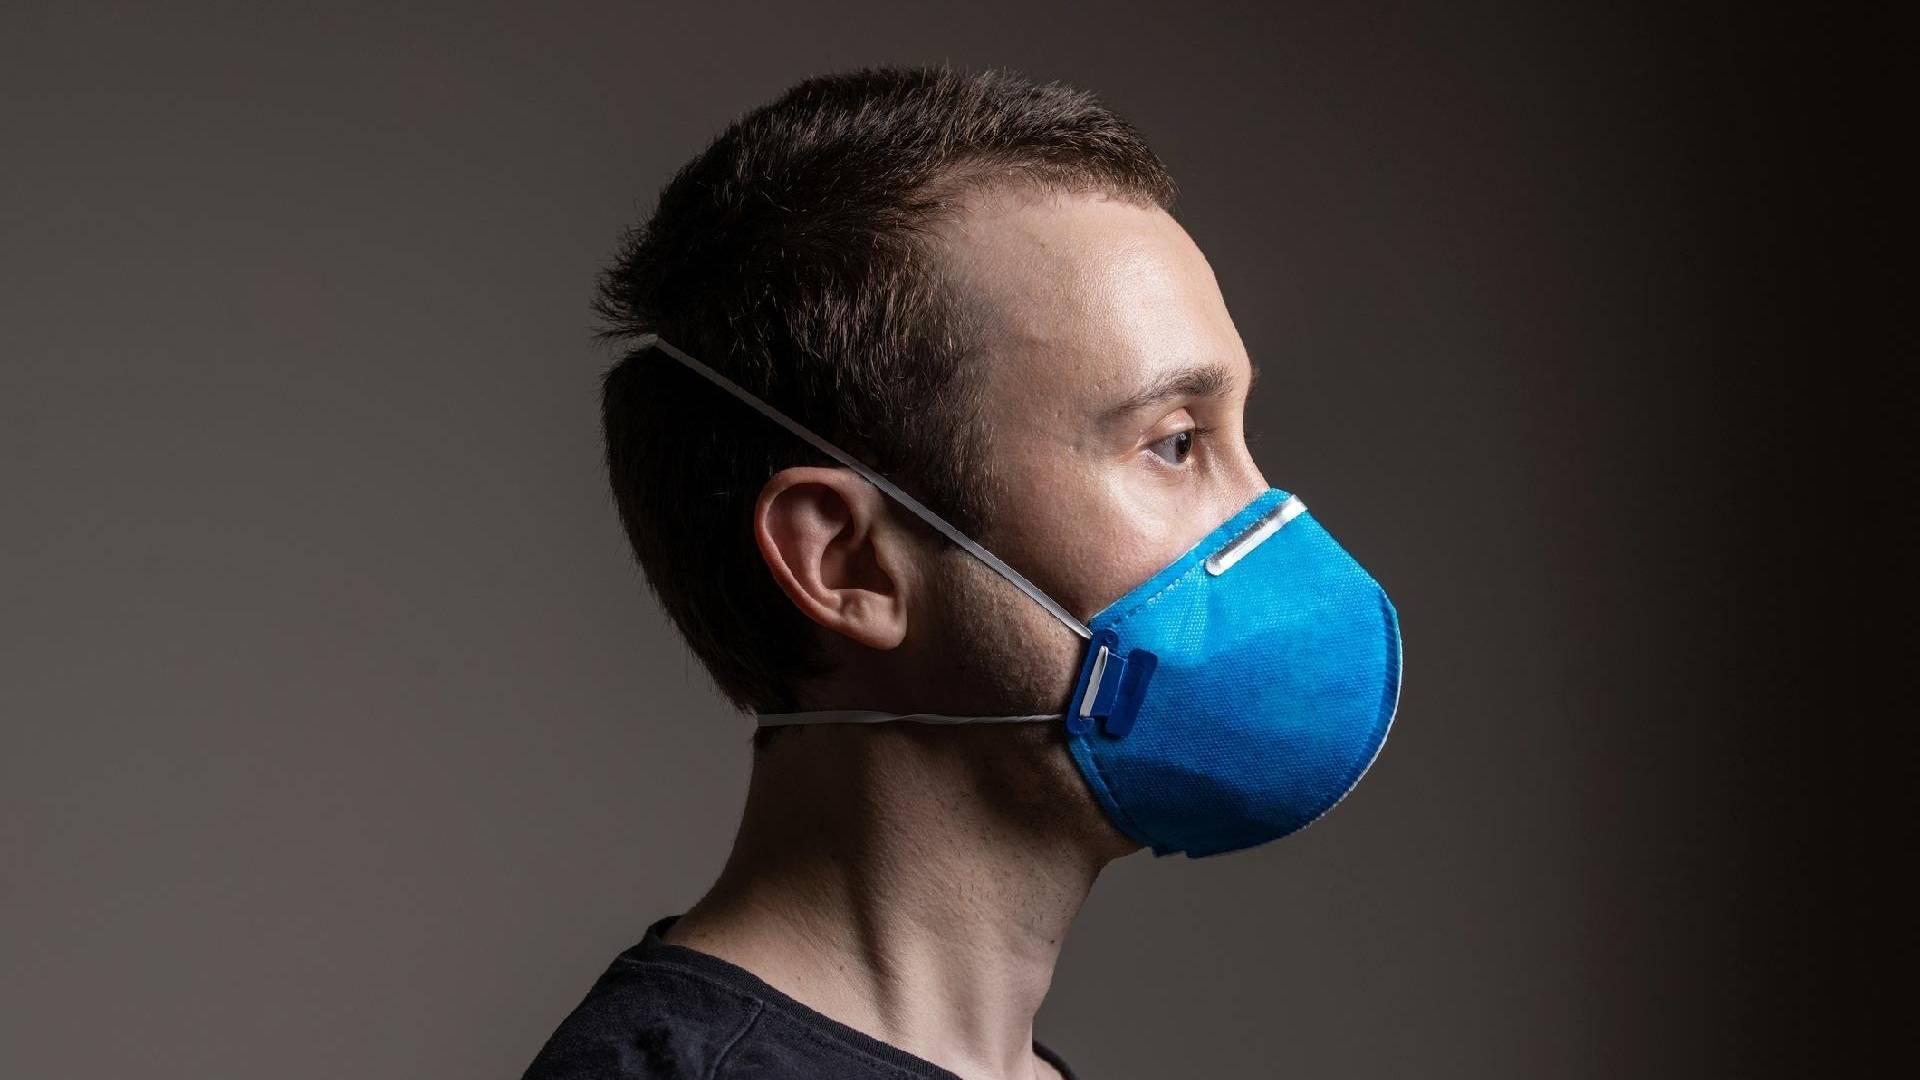 Vereadora pede que prefeitura distribua máscaras PFF2/N95 para servidores municipais